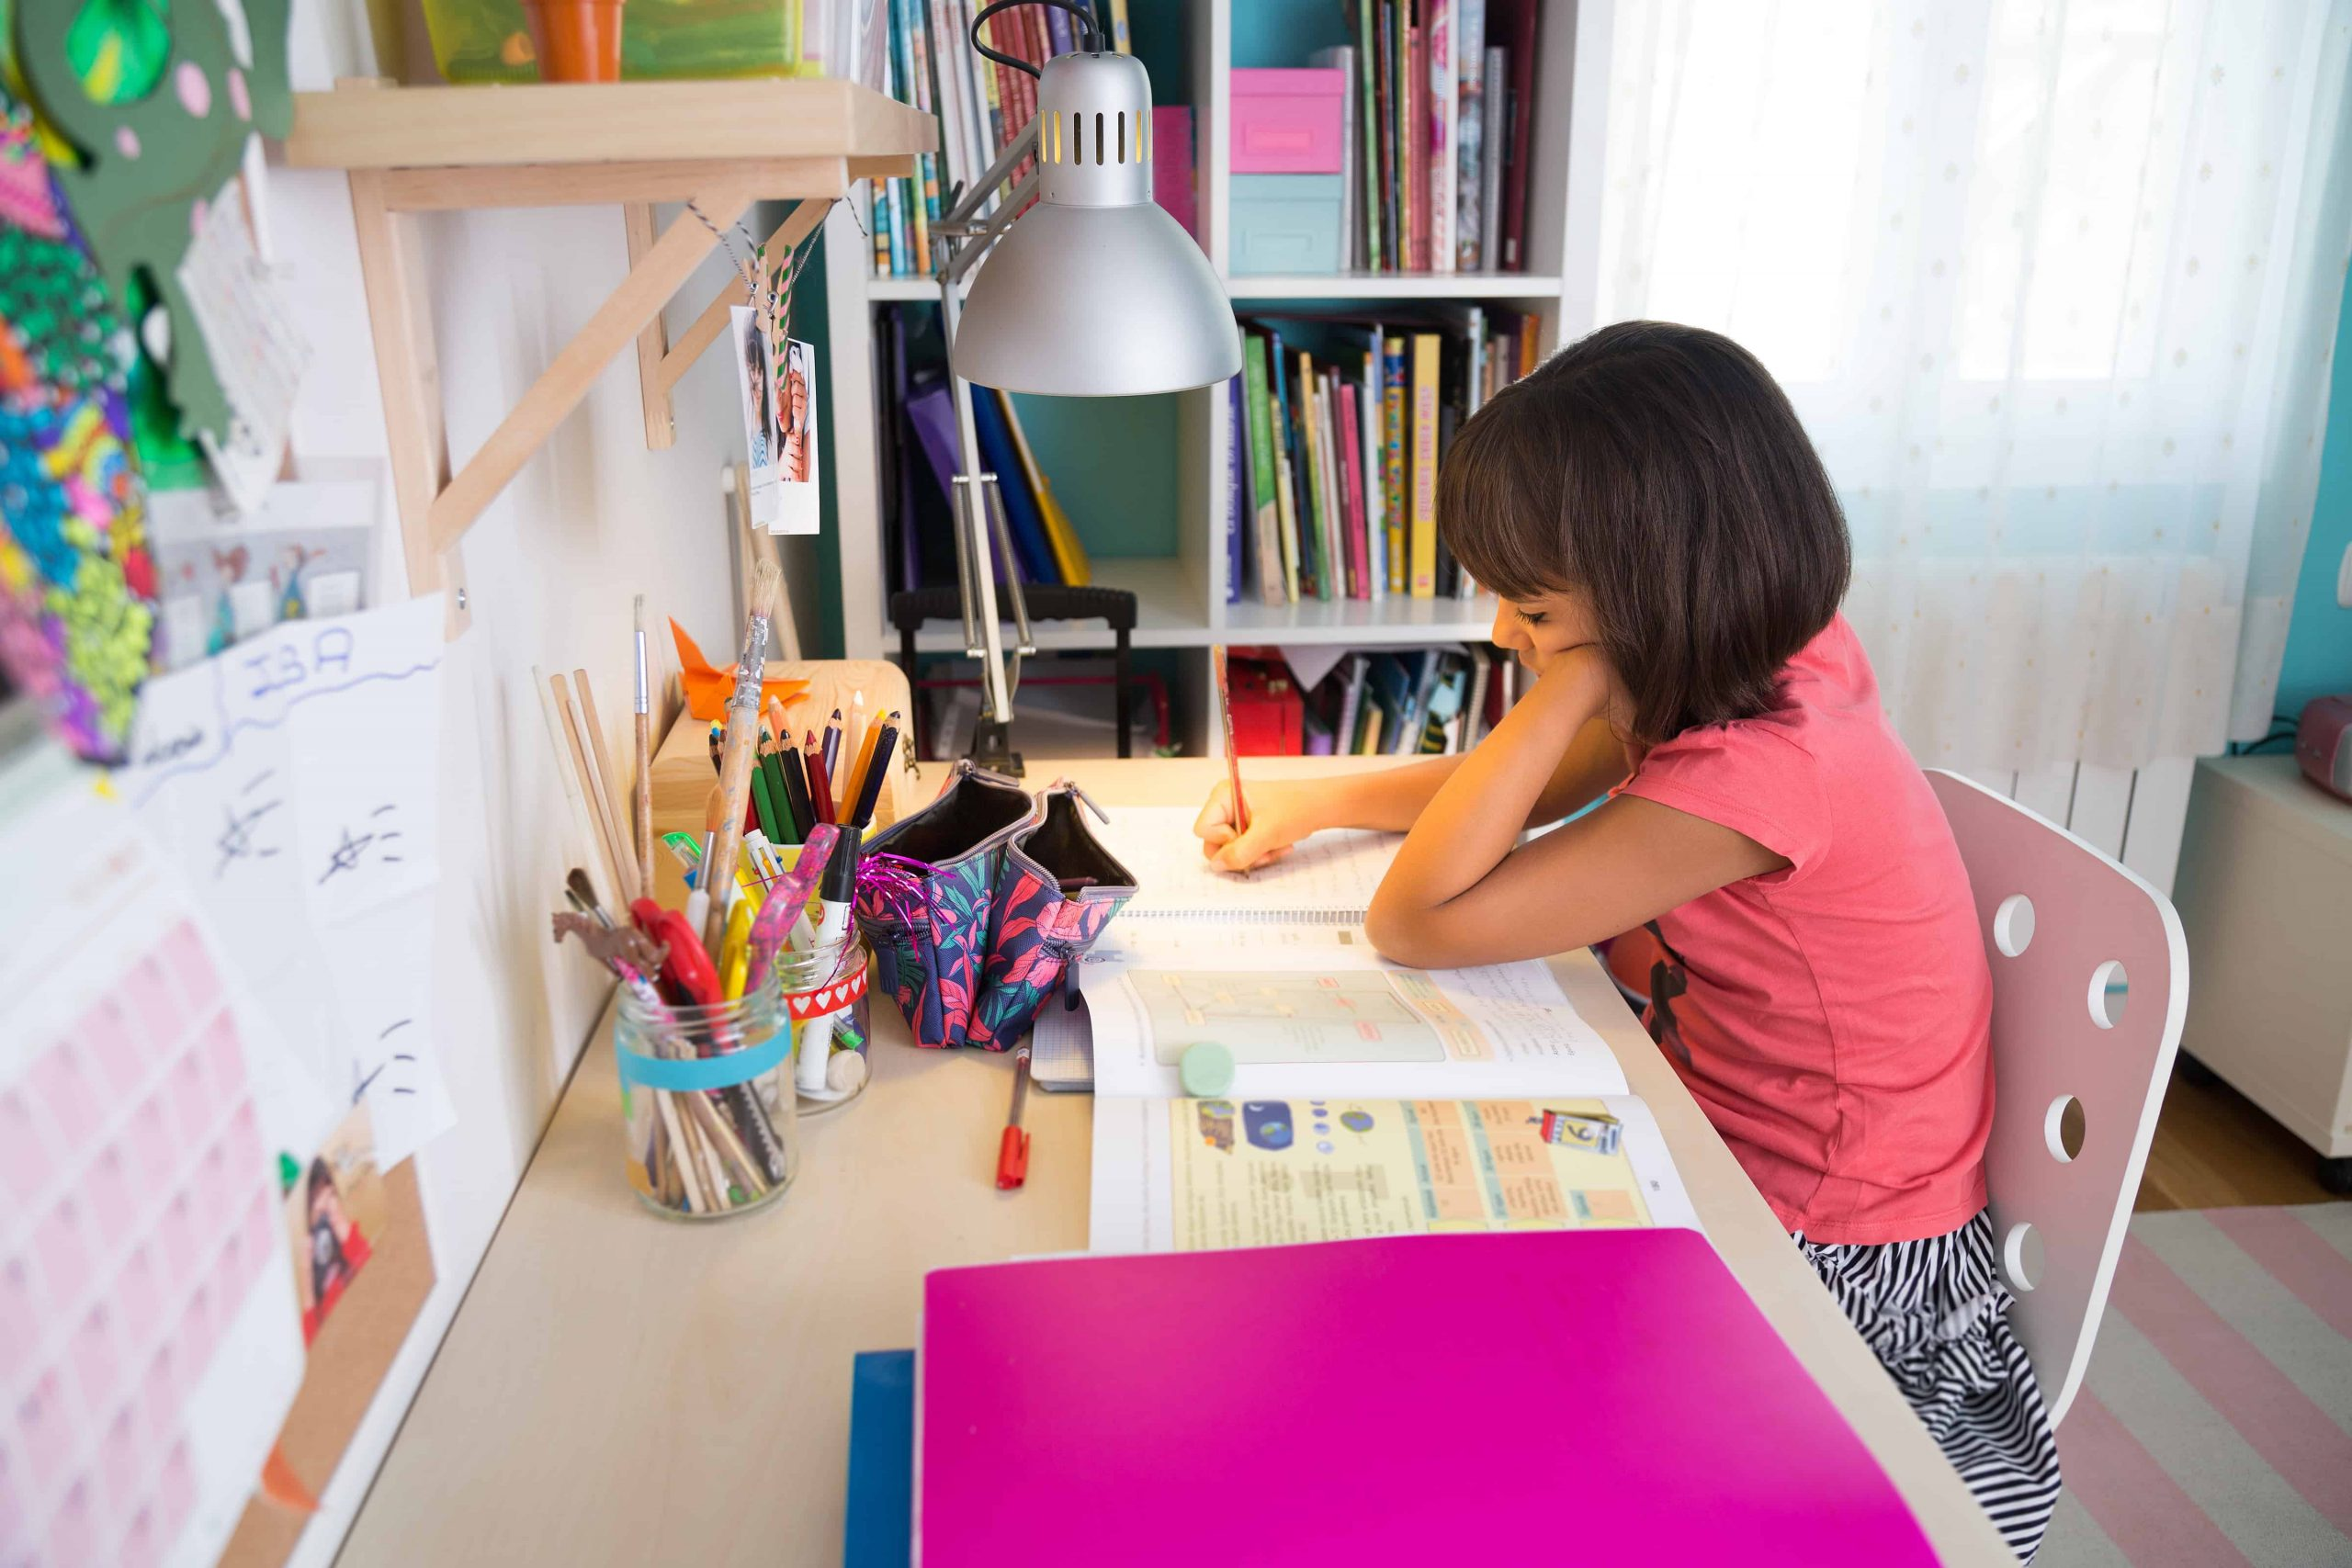 Kinderschreibtischstuhl: Test & Empfehlungen (04/21)